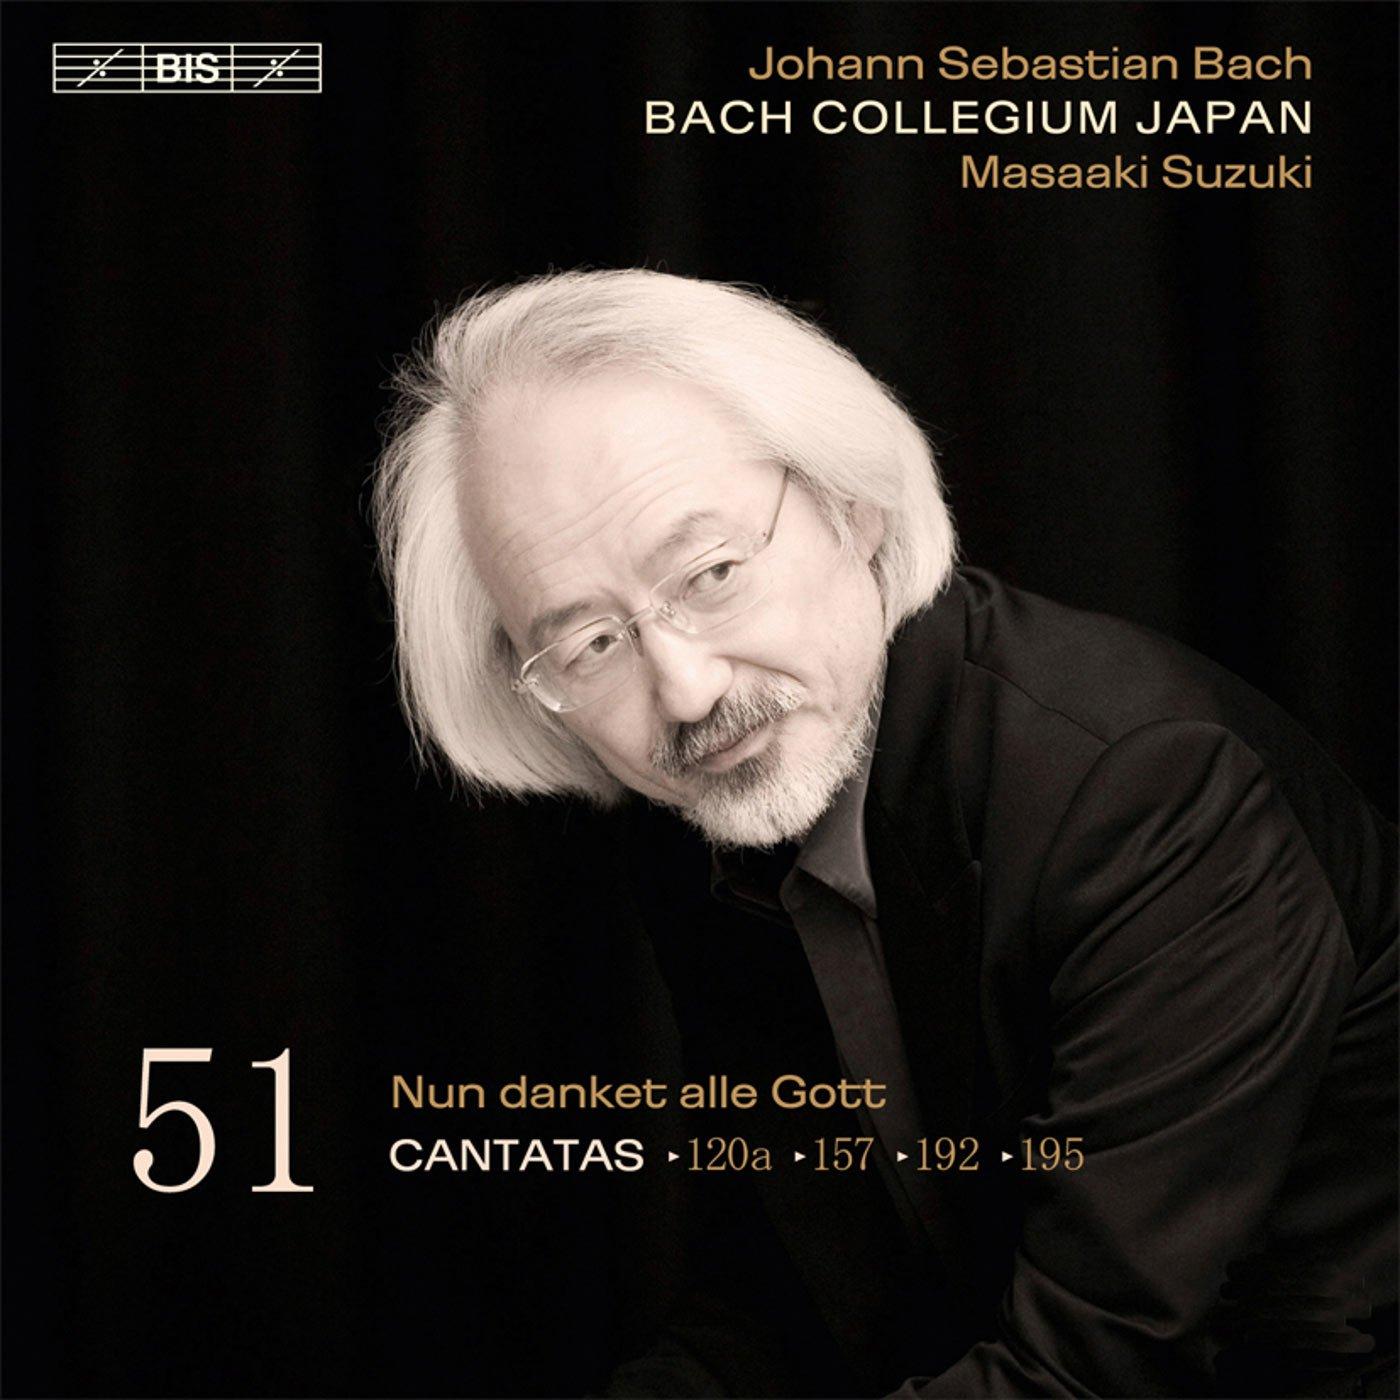 SACD : J.S. Bach - Cantatas 51 (Hybrid SACD)